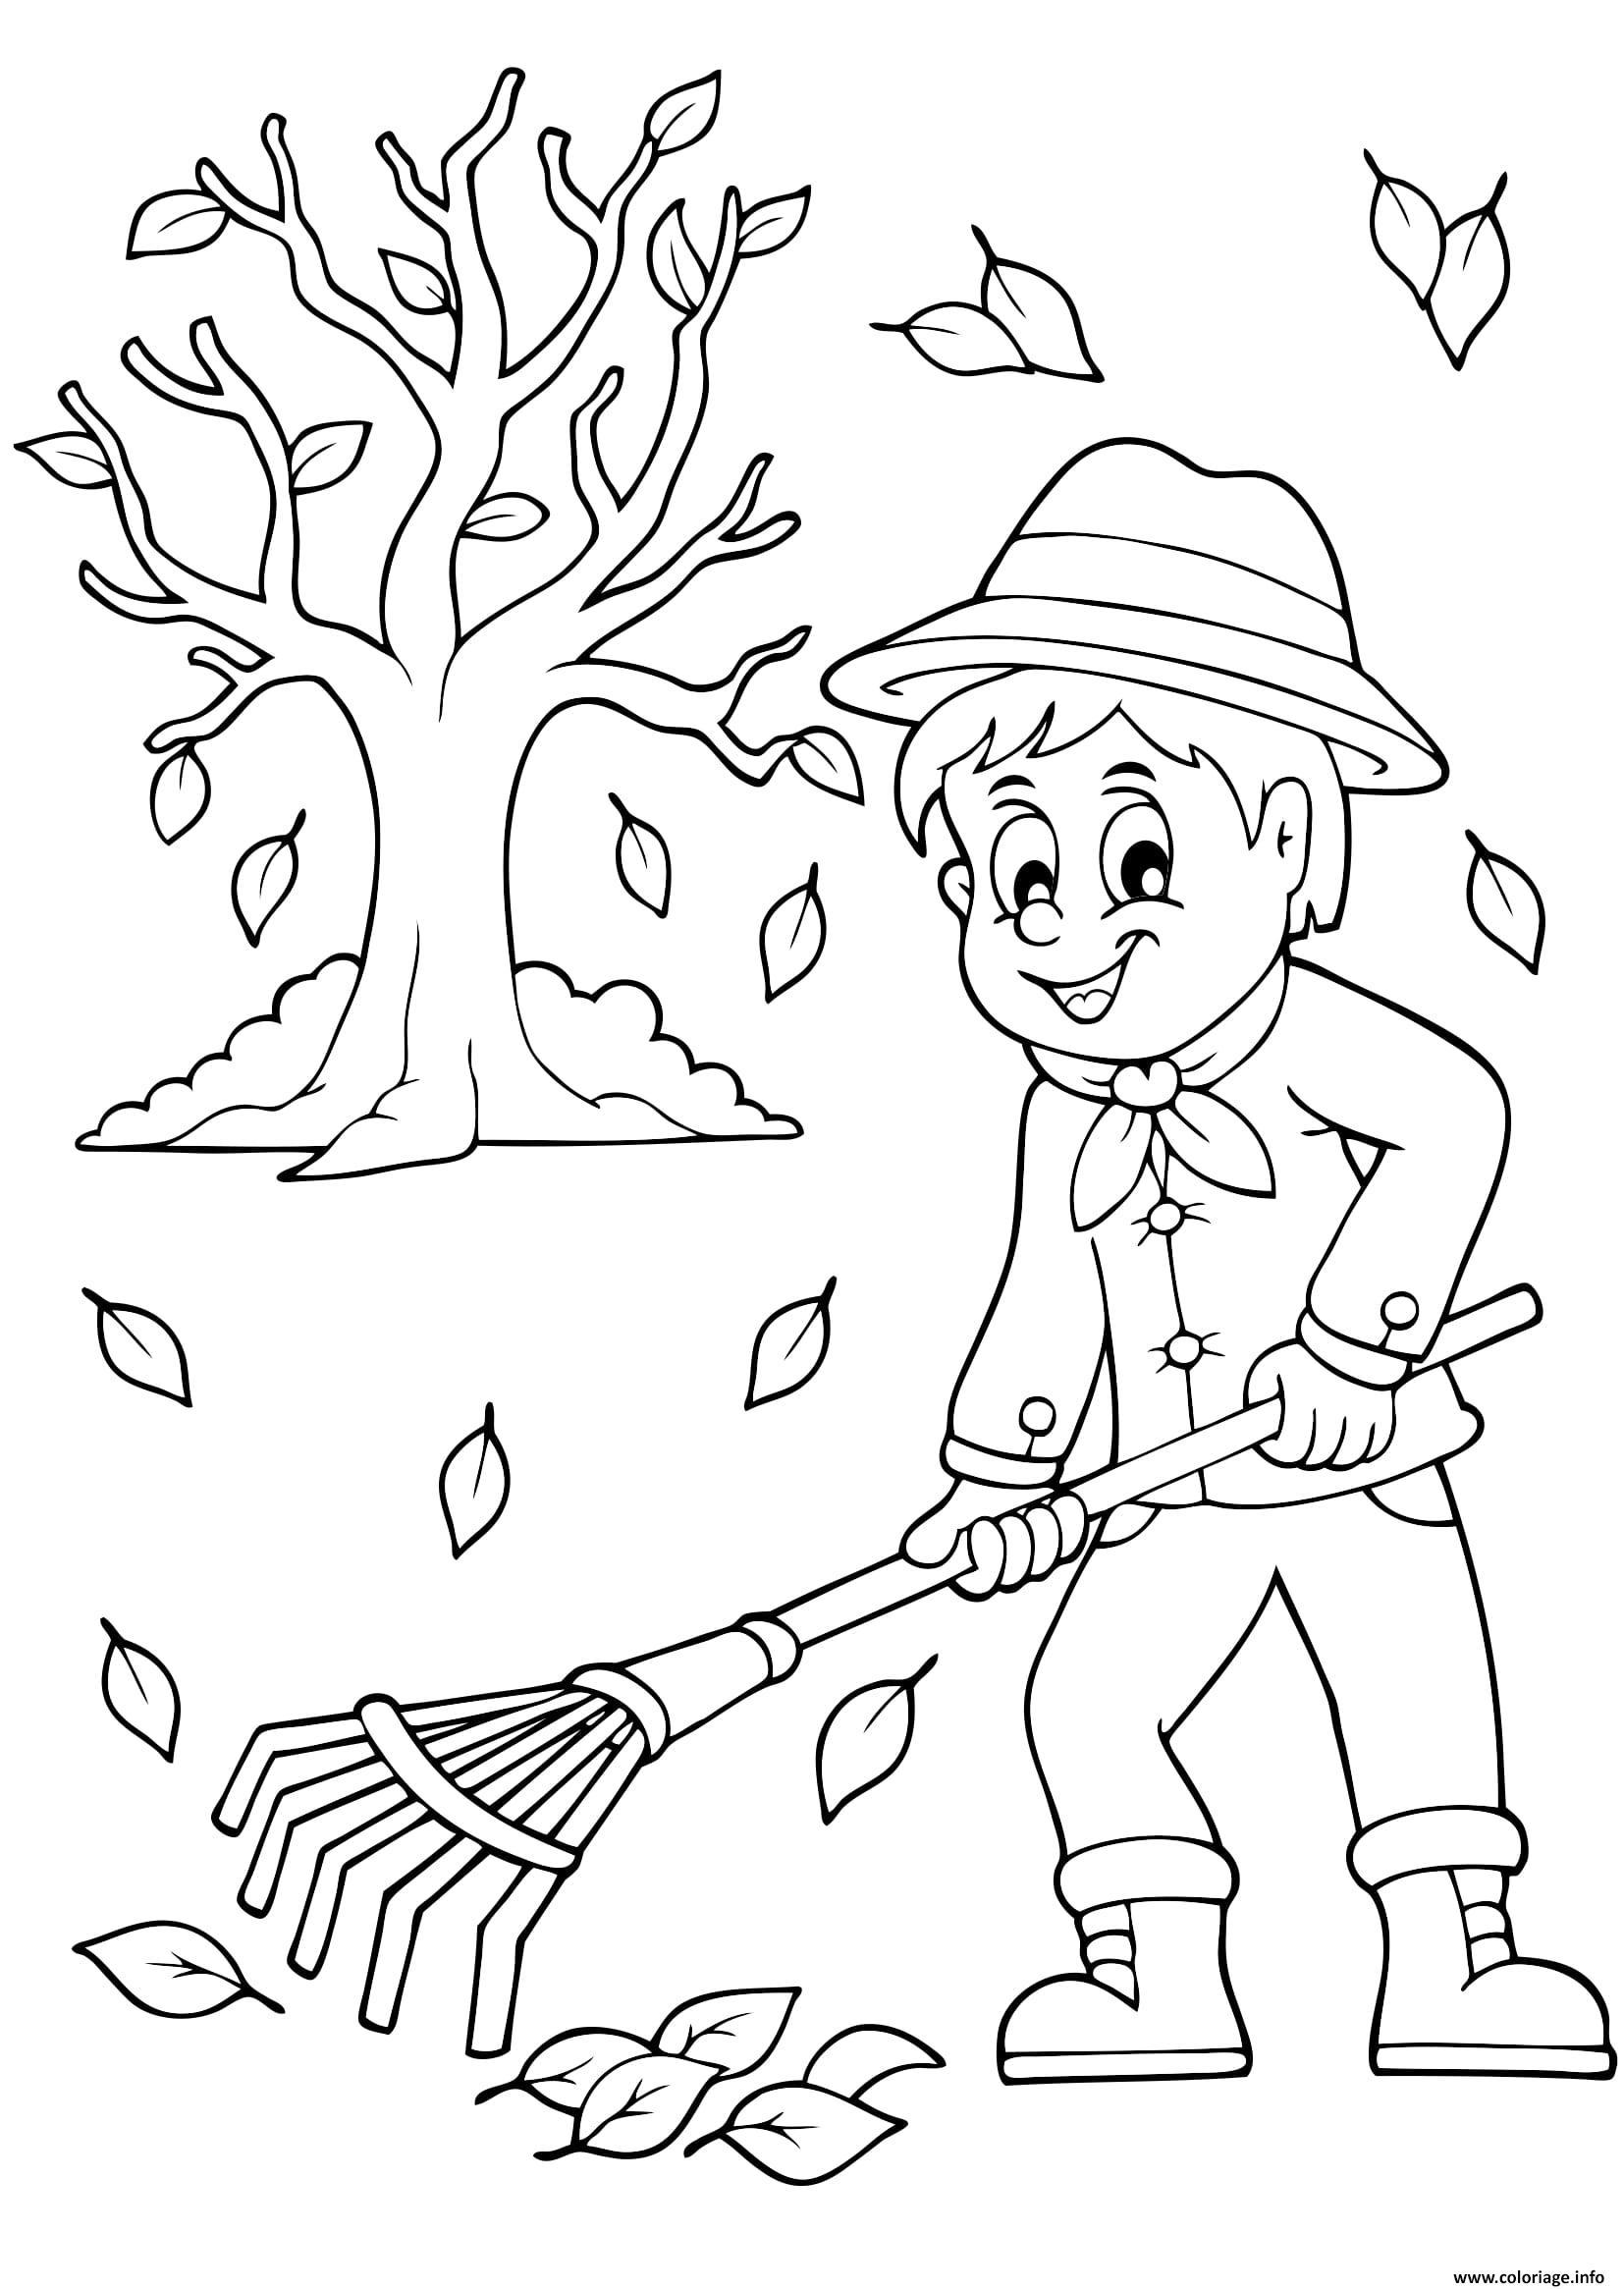 automne ramasser les feuilles coloriage dessin